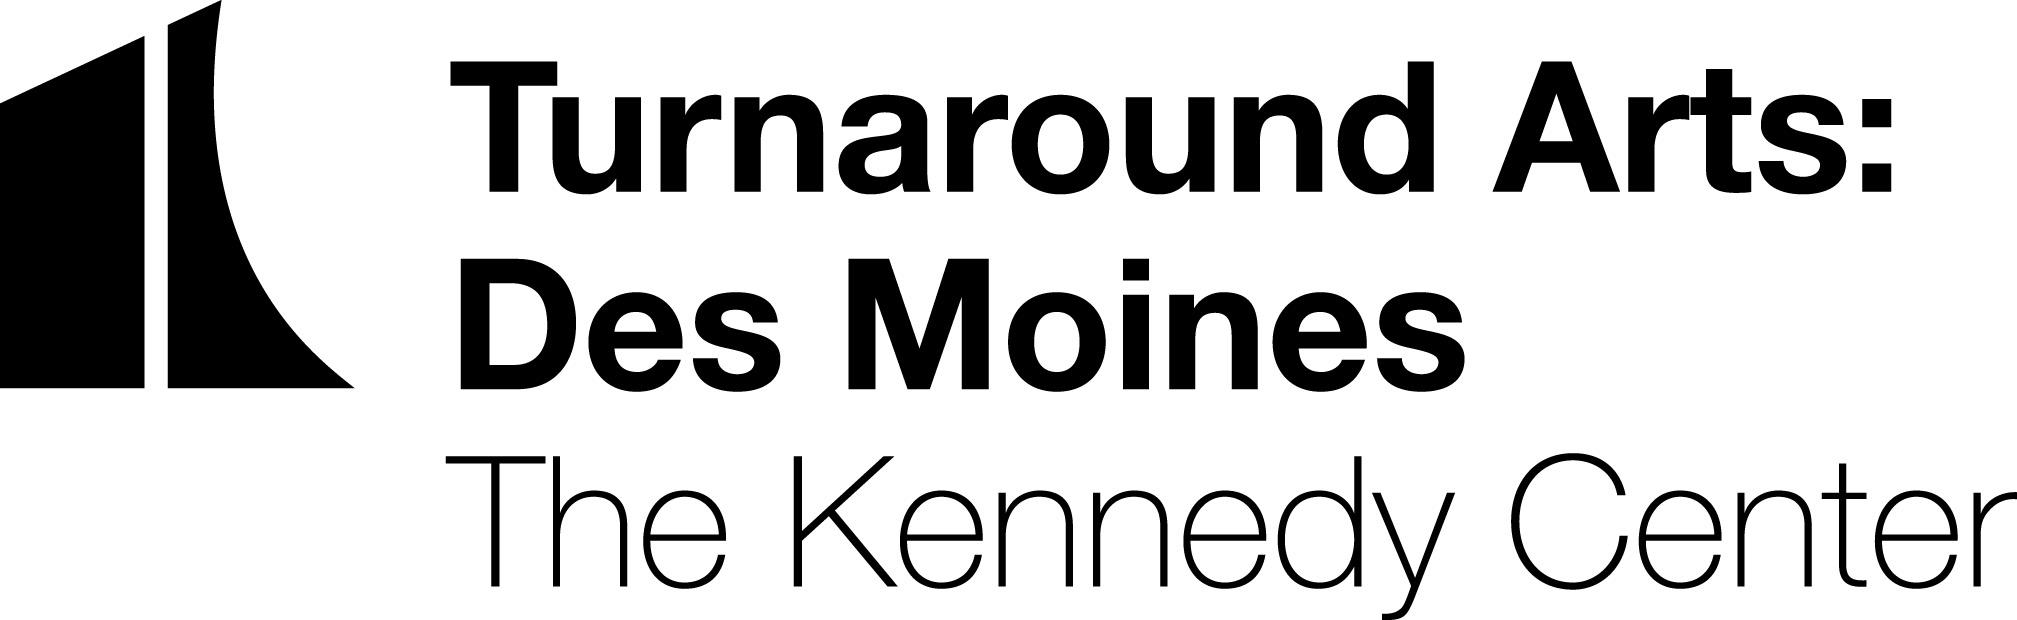 TKC TurnaroundArts Regional Horizontal v2